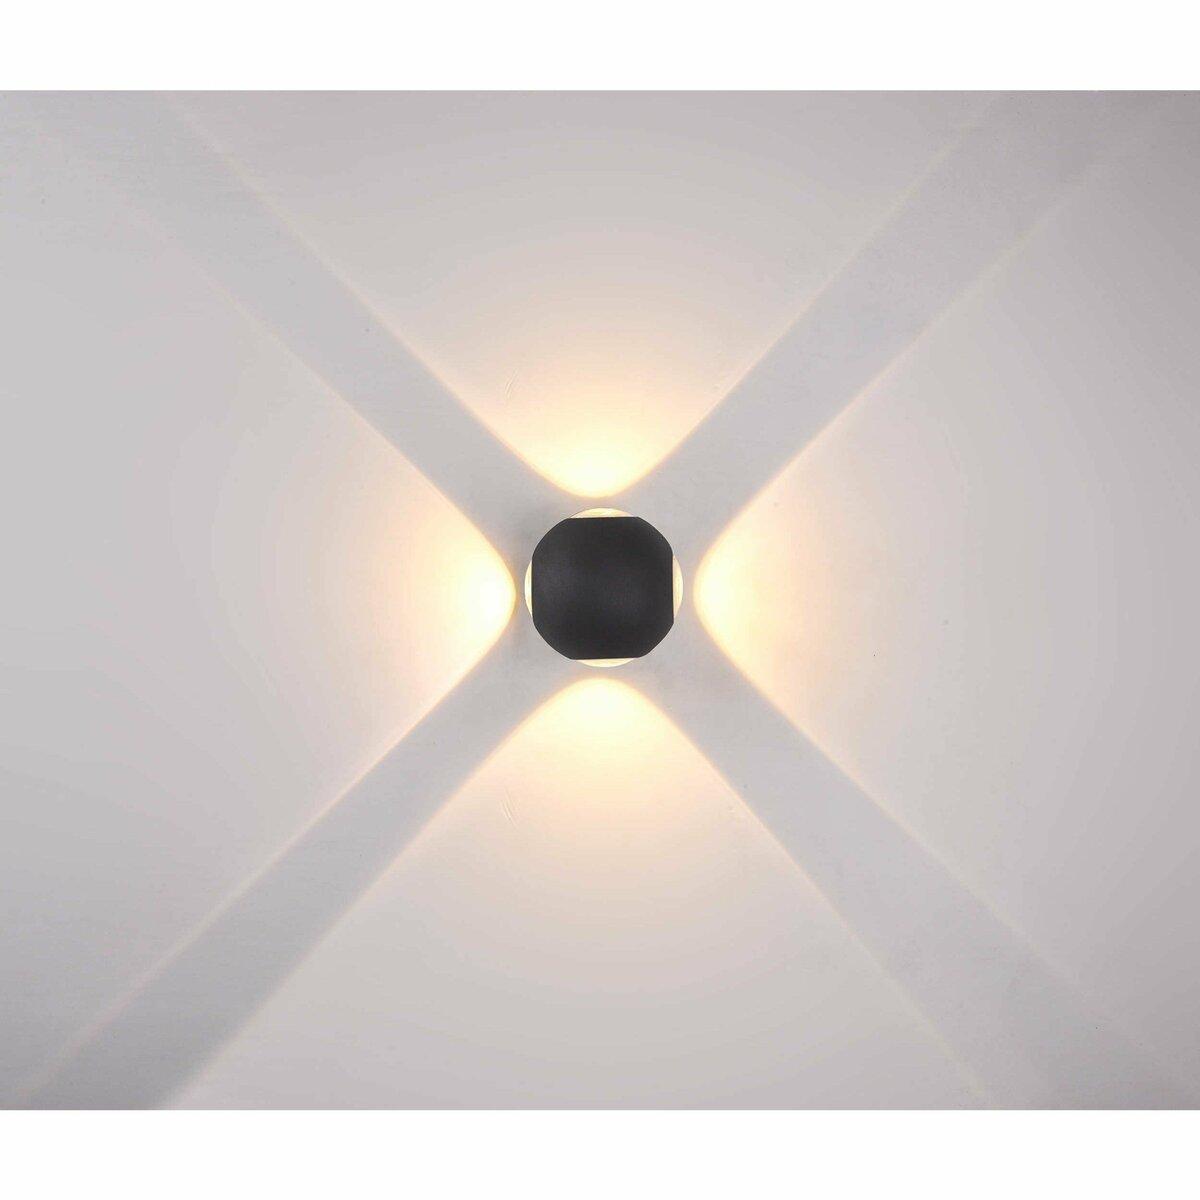 Bild 1 von DesignLive LED-Außenwandleuchte   AURORA